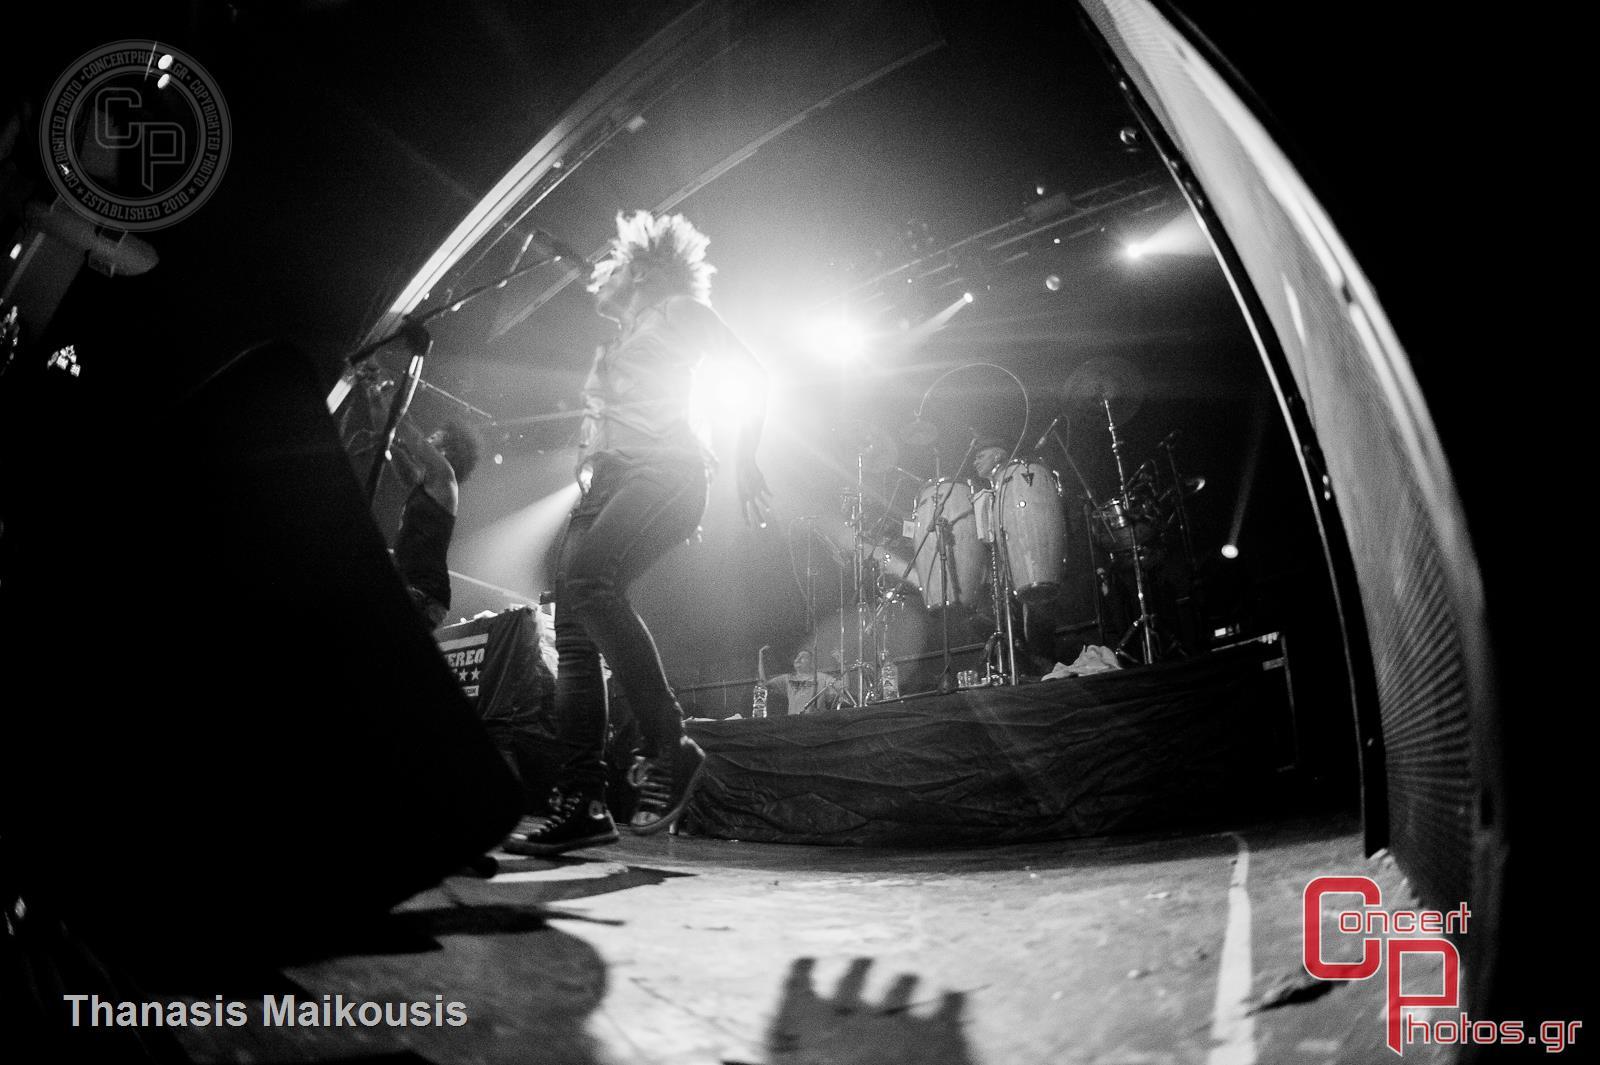 Stereo Mc's-Stereo Mcs photographer: Thanasis Maikousis - ConcertPhotos - 20141130_0016_02